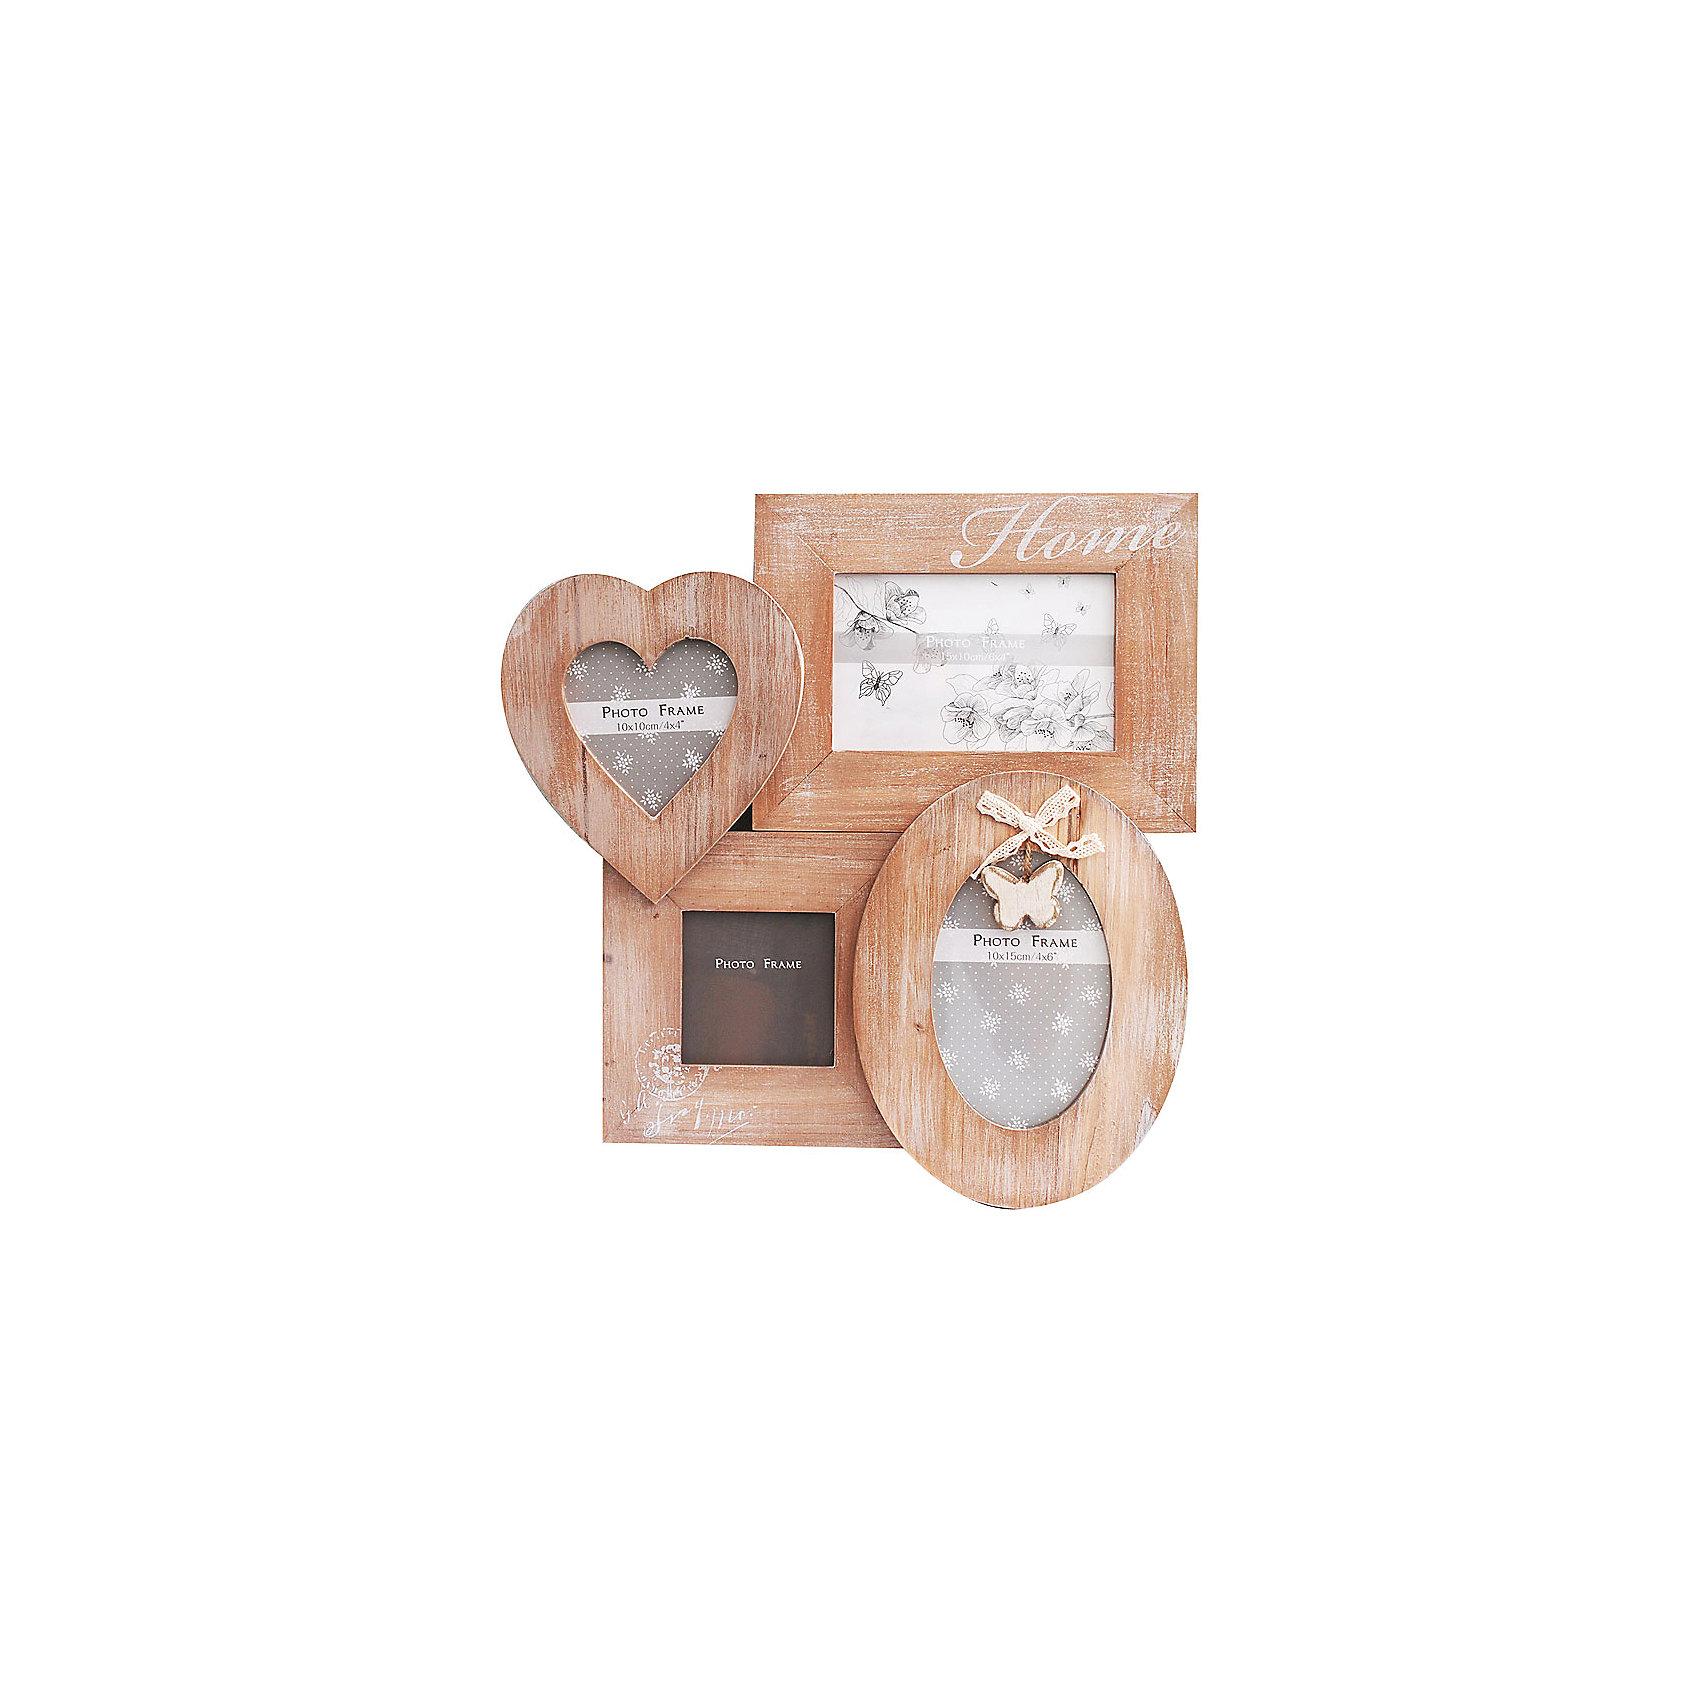 Фоторамка комбинированнаяПредметы интерьера<br>Характеристики:<br><br>• Предназначение: для оформления фотографий, вышивок, картин<br>• Пол: универсальный<br>• Материал: дерево, оргстекло<br>• Цвет: дерево<br>• Комплектация: рамки для 4-х фото разной формы: квадратная, прямоугольная, в форме сердца, овальная<br>• Размеры (Ш*Д*В): 35*35,7*2 см<br>• Вес в упаковке: 480 г <br>• Упаковка: картонная коробка<br><br>Фоторамка комбинированная – это деревянная фоторамка от торговой марки Белоснежка, специализирующейся на товарах для творчества и рукоделия. Изделие состоит из четырех фоторамок разной формы: квадратной, прямоугольной, овальной и в форме сердца. С такой фоторамкой можно создать семейную историю из любимых фотографий или использовать ее для оформления вышивок, картин. Она имеет подвесное крепление, поэтому с помощью этой фоторамки можно оформить интерьер. Комбинированная фоторамка выполнена в натуральном цвете дерева, поэтому она стилистически легко впишется в любой интерьер. <br><br>Фоторамку комбинированную можно купить в нашем интернет-магазине.<br><br>Ширина мм: 357<br>Глубина мм: 350<br>Высота мм: 20<br>Вес г: 5000<br>Возраст от месяцев: 72<br>Возраст до месяцев: 144<br>Пол: Унисекс<br>Возраст: Детский<br>SKU: 5089788